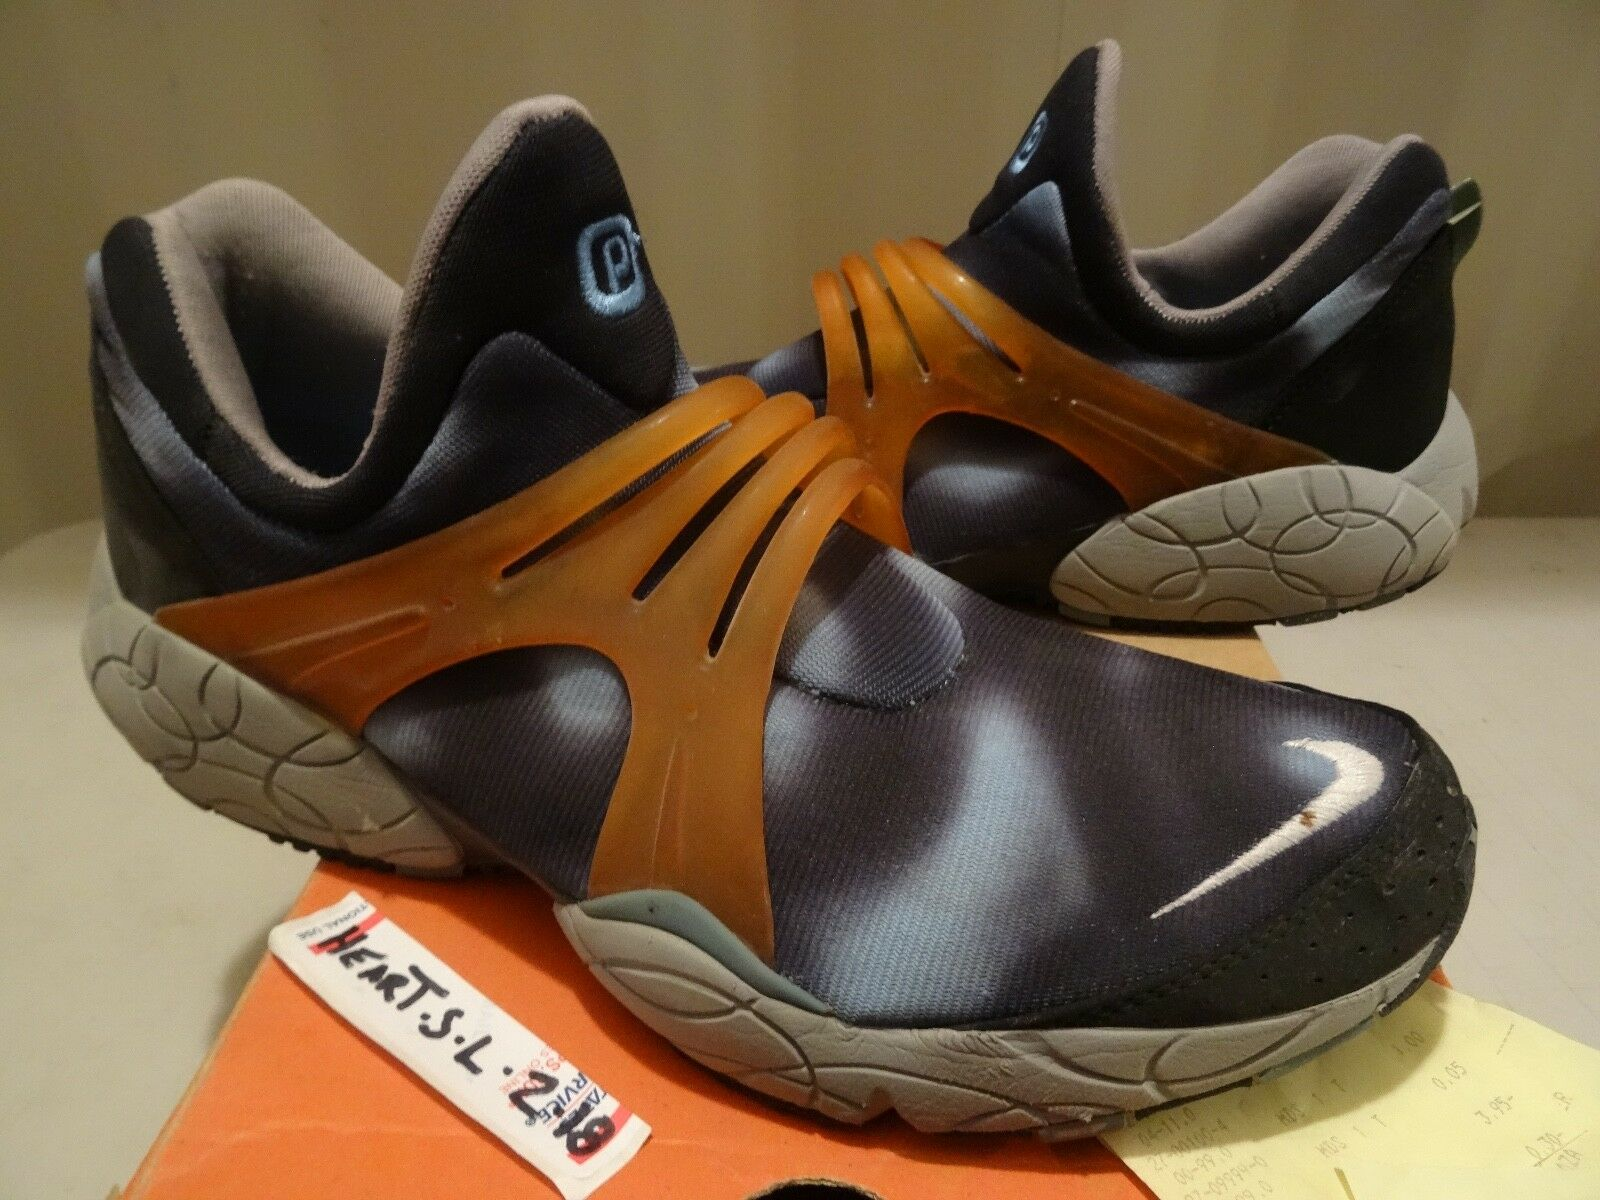 RARE Nike Air Max Presto Cage MULTI COLOR BLACK 830237-402 SIZE 11 -SB 90 1 i 95